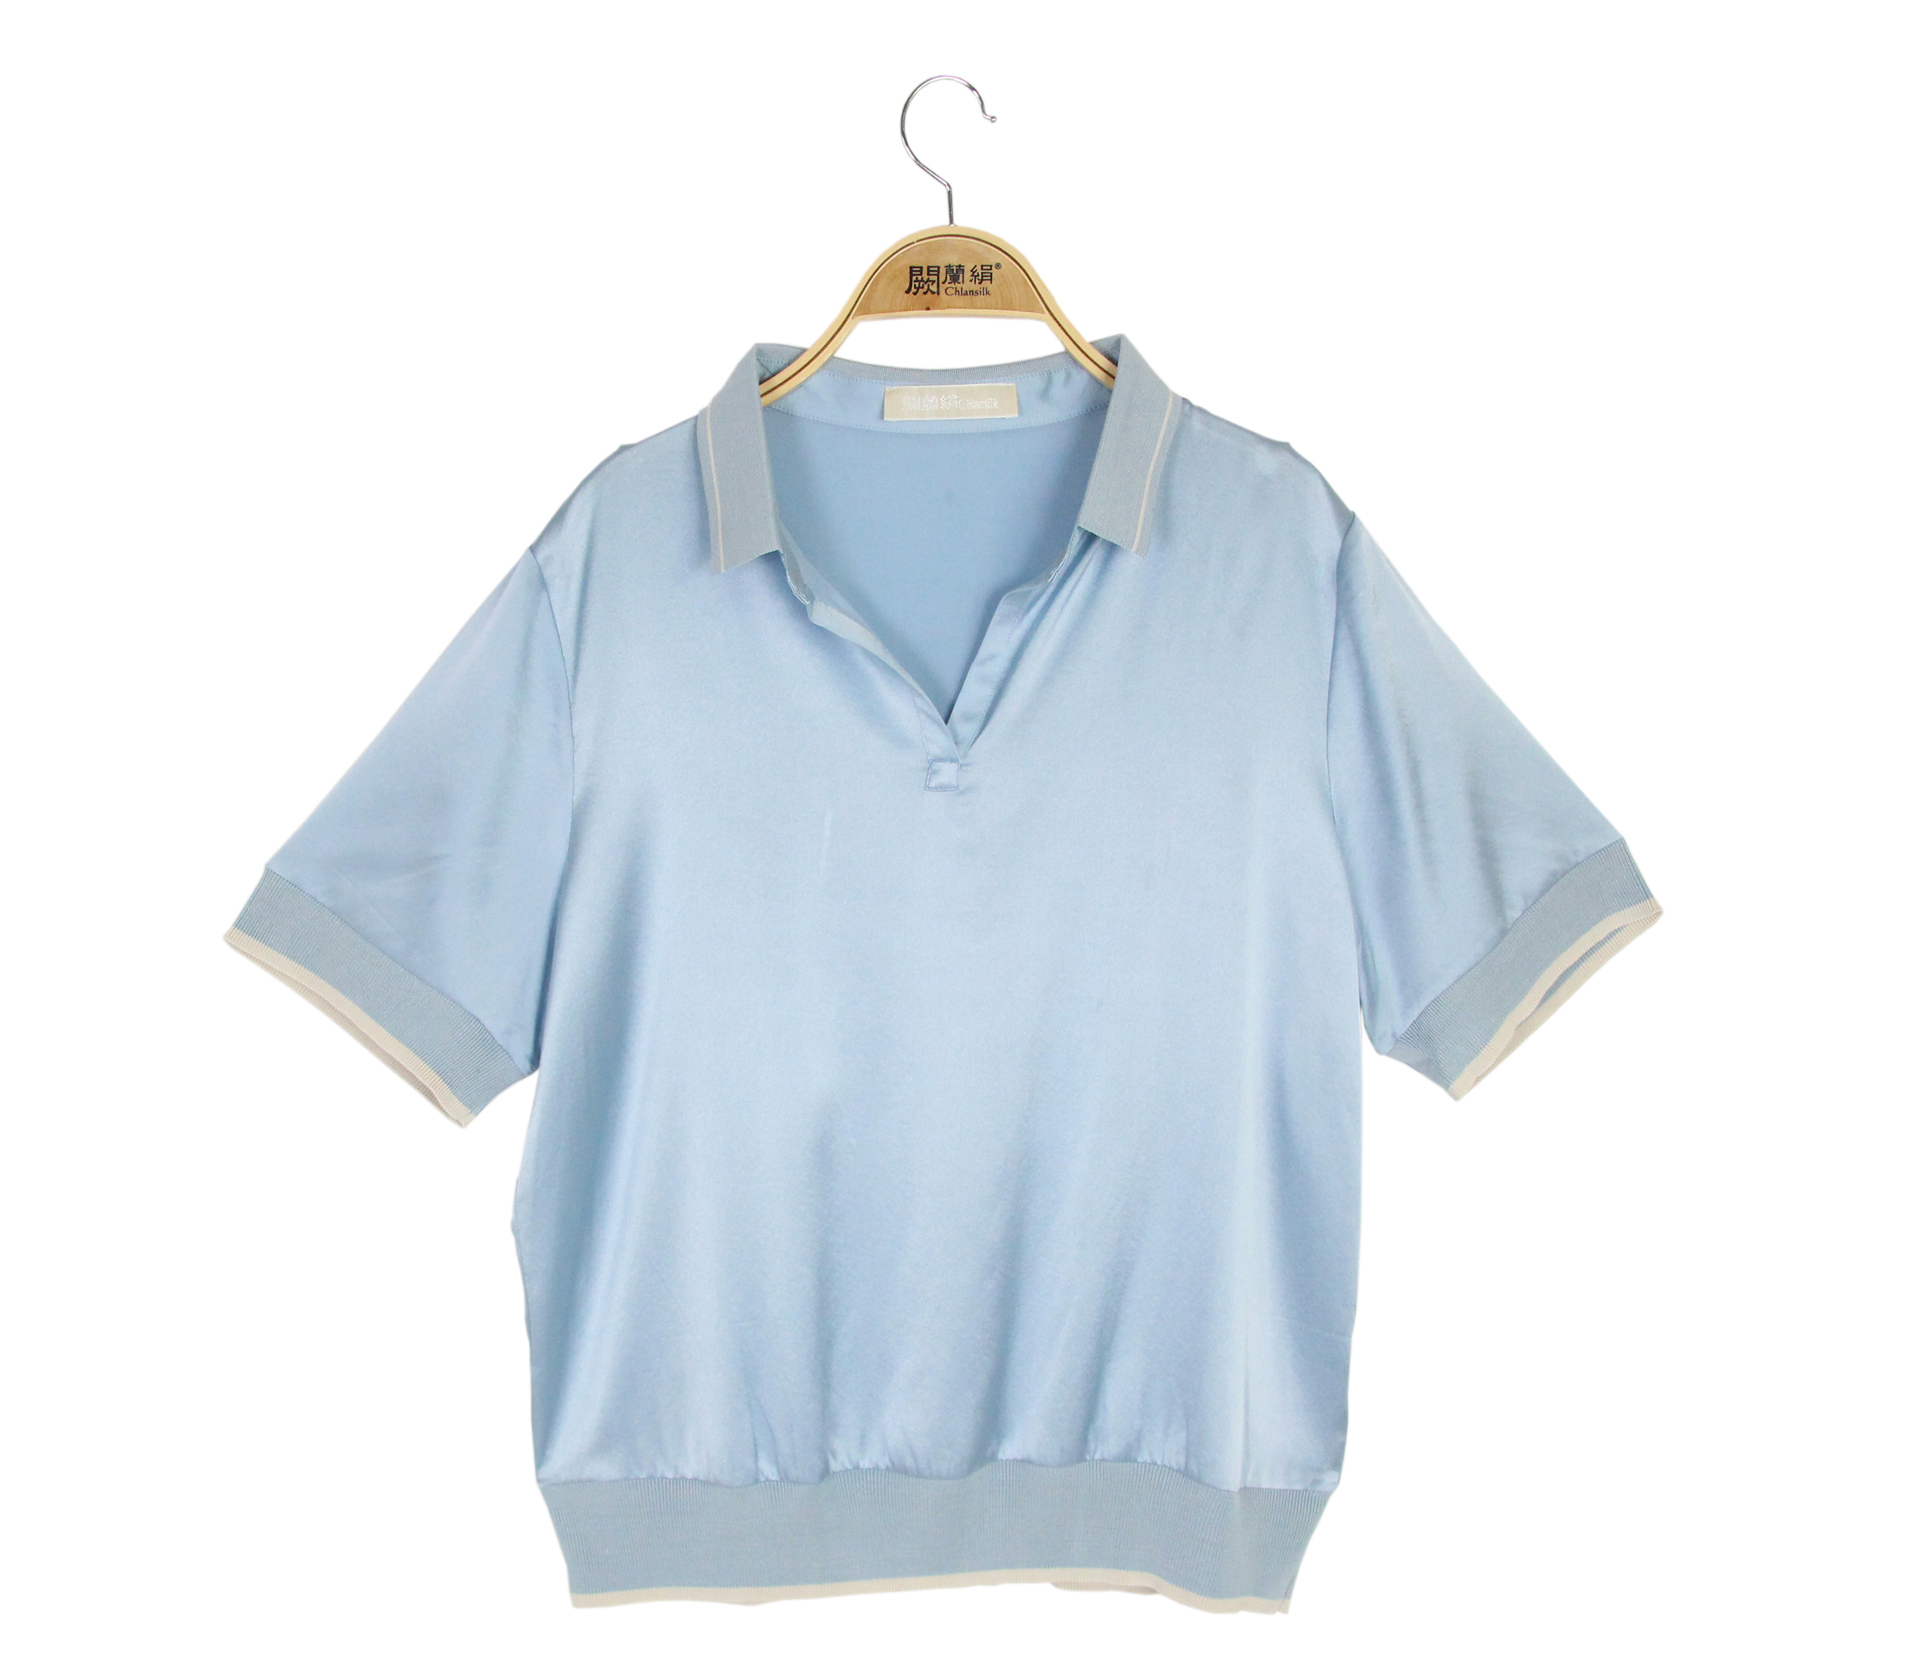 闕蘭絹休閒典雅蠶絲緞面短袖POLO衫 - 藍色 - 6632